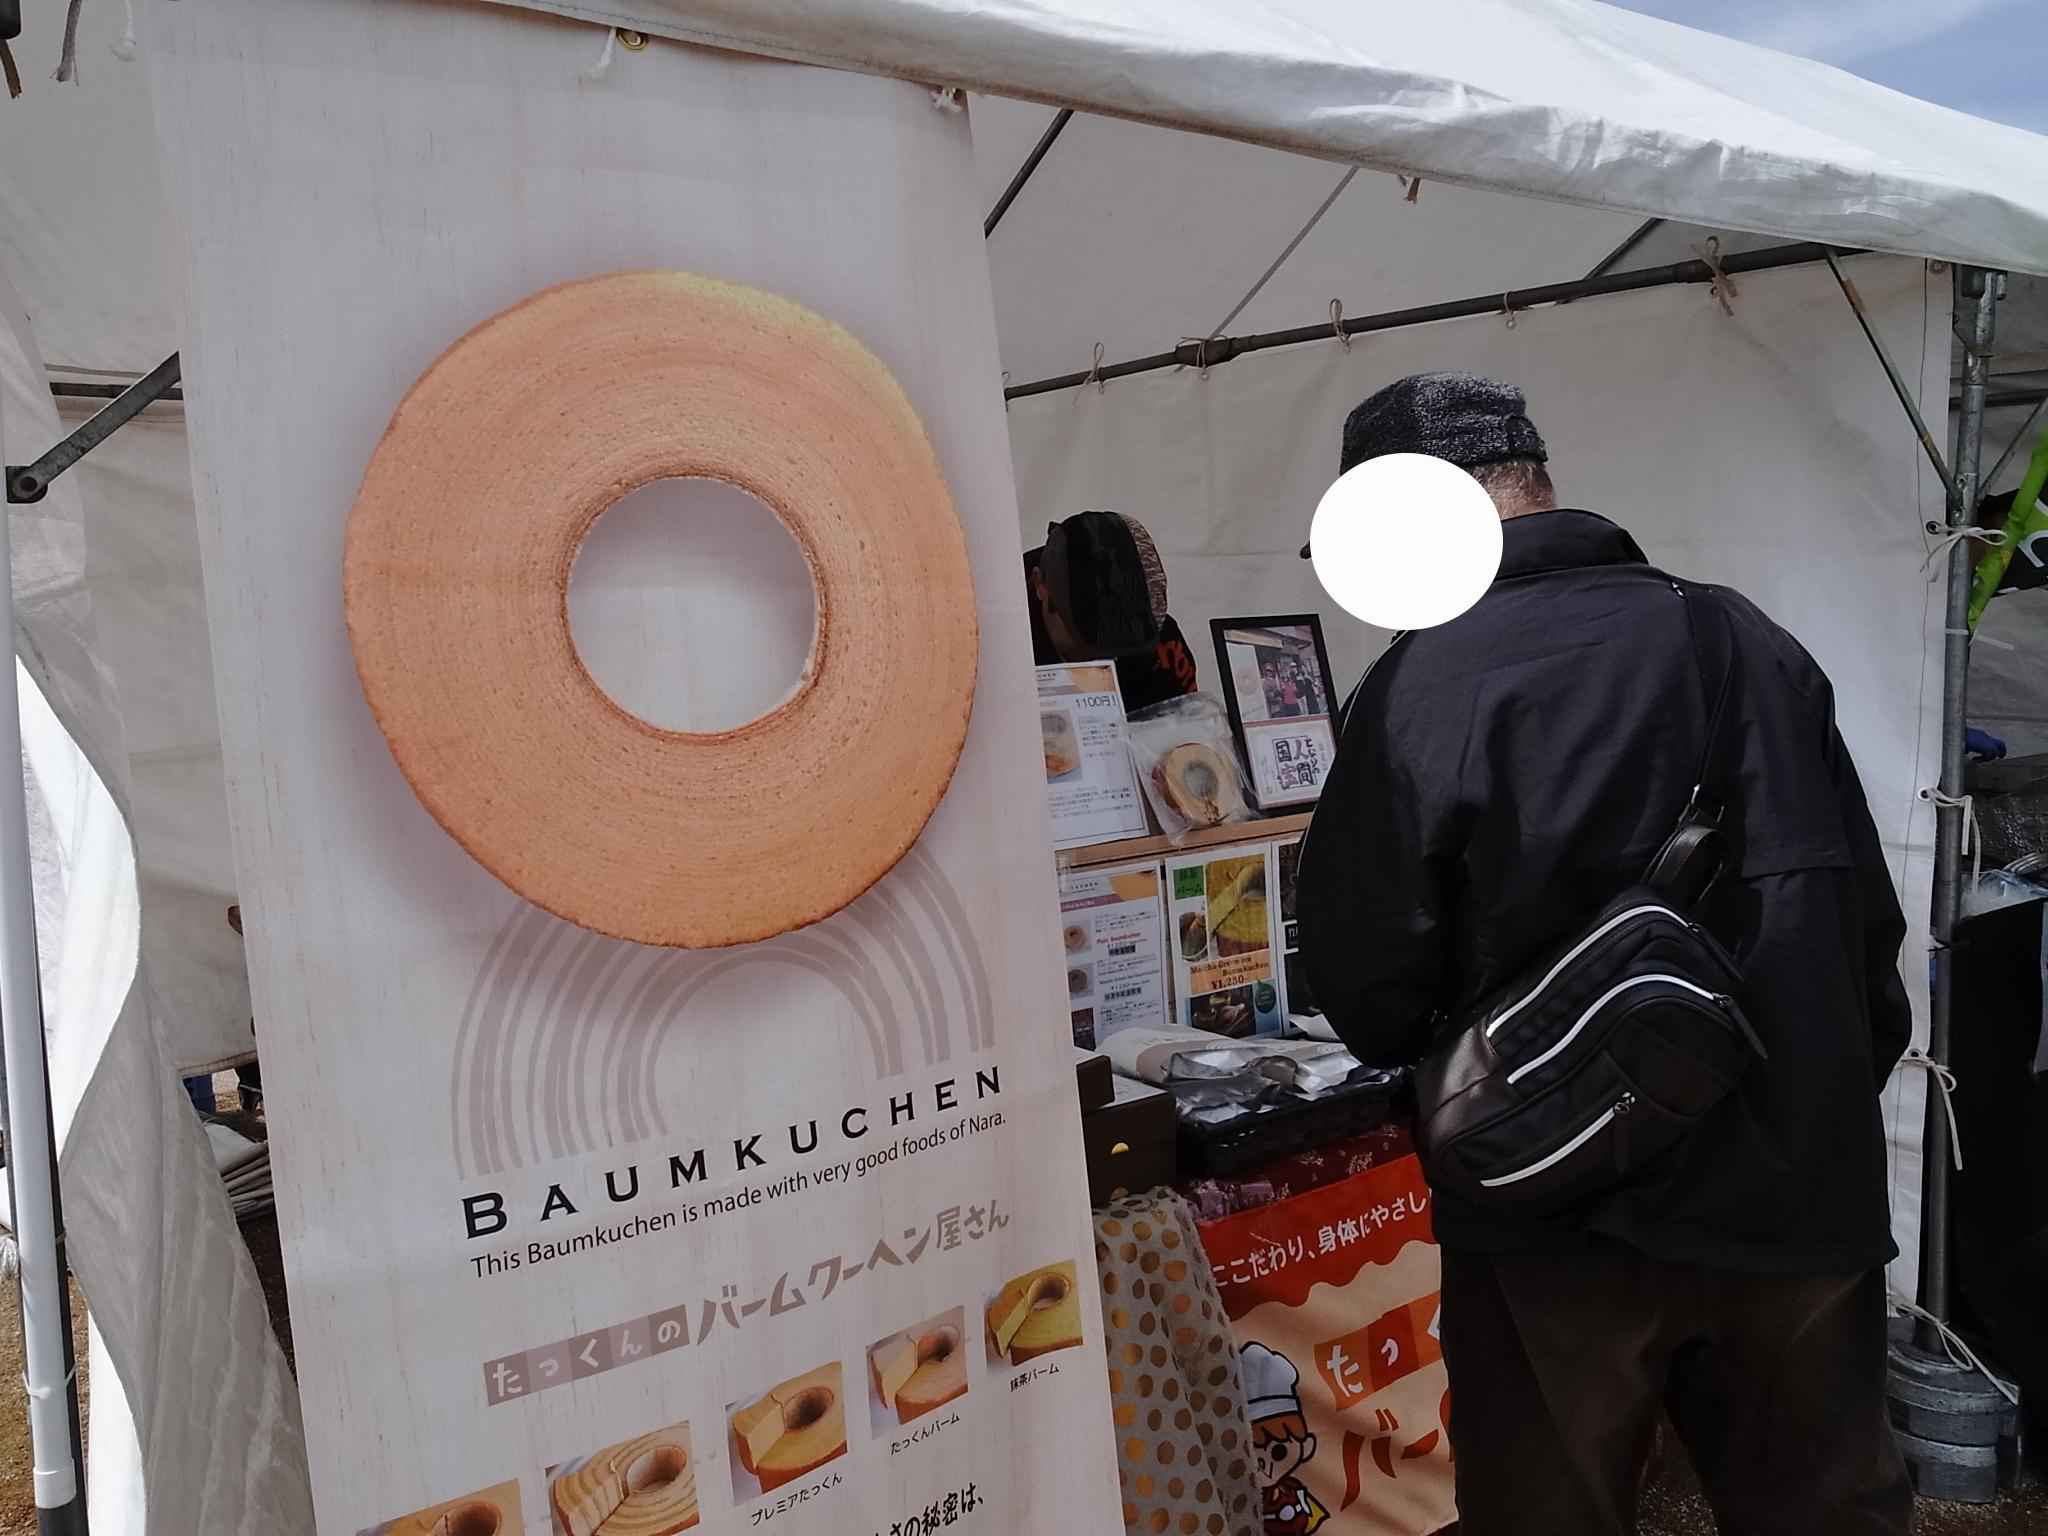 奈良では有名な「たっくんのバームクーヘン屋さん」。